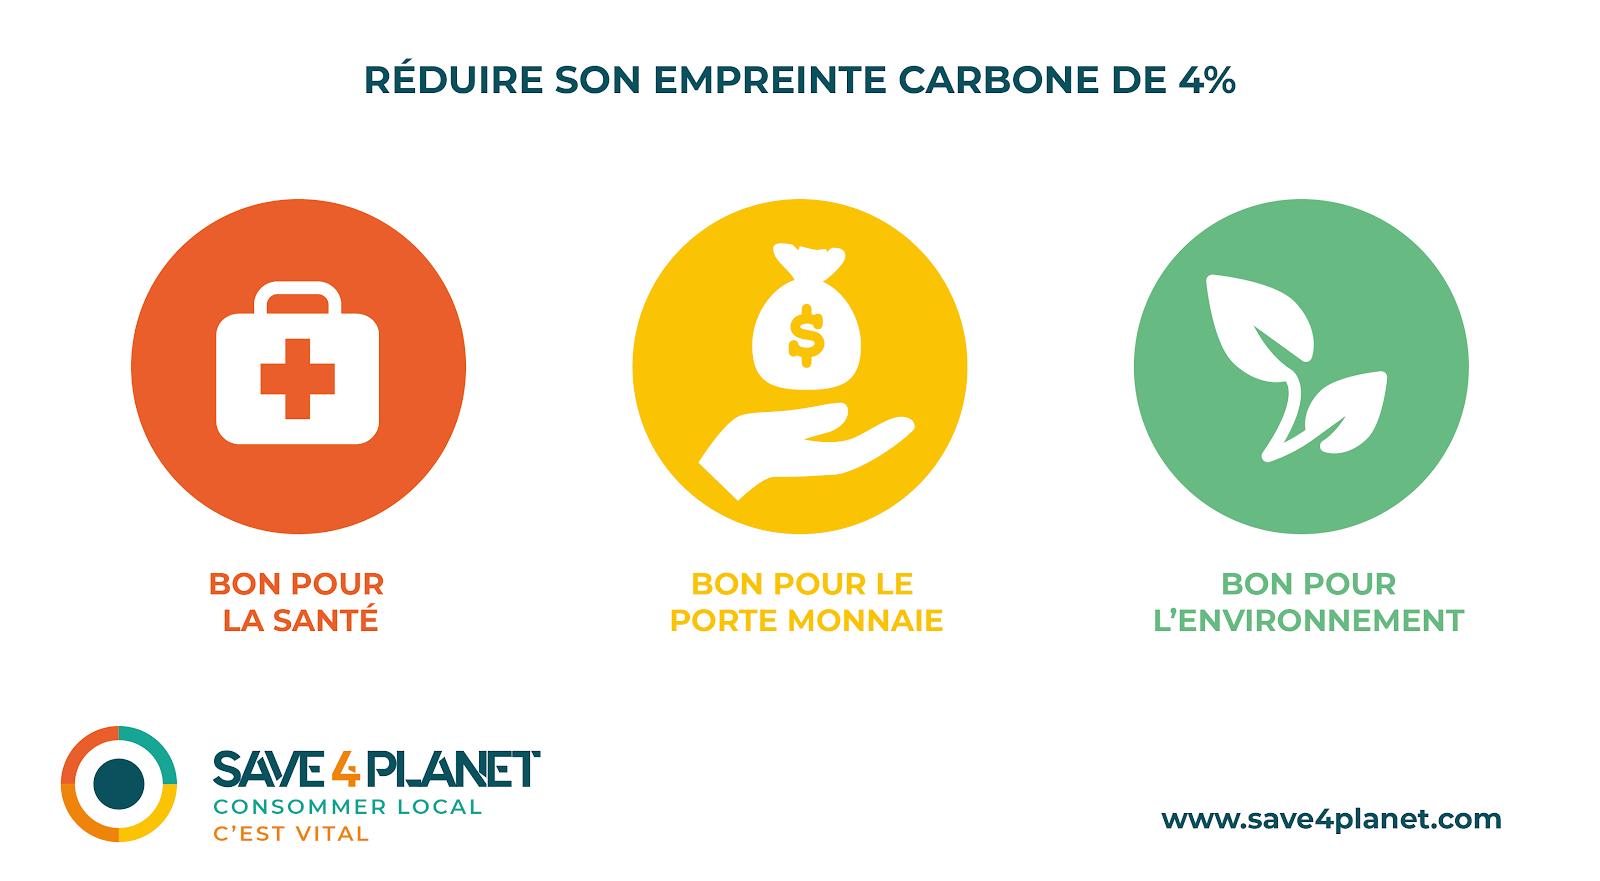 Infographie réduire son empreinte carbone de 4%